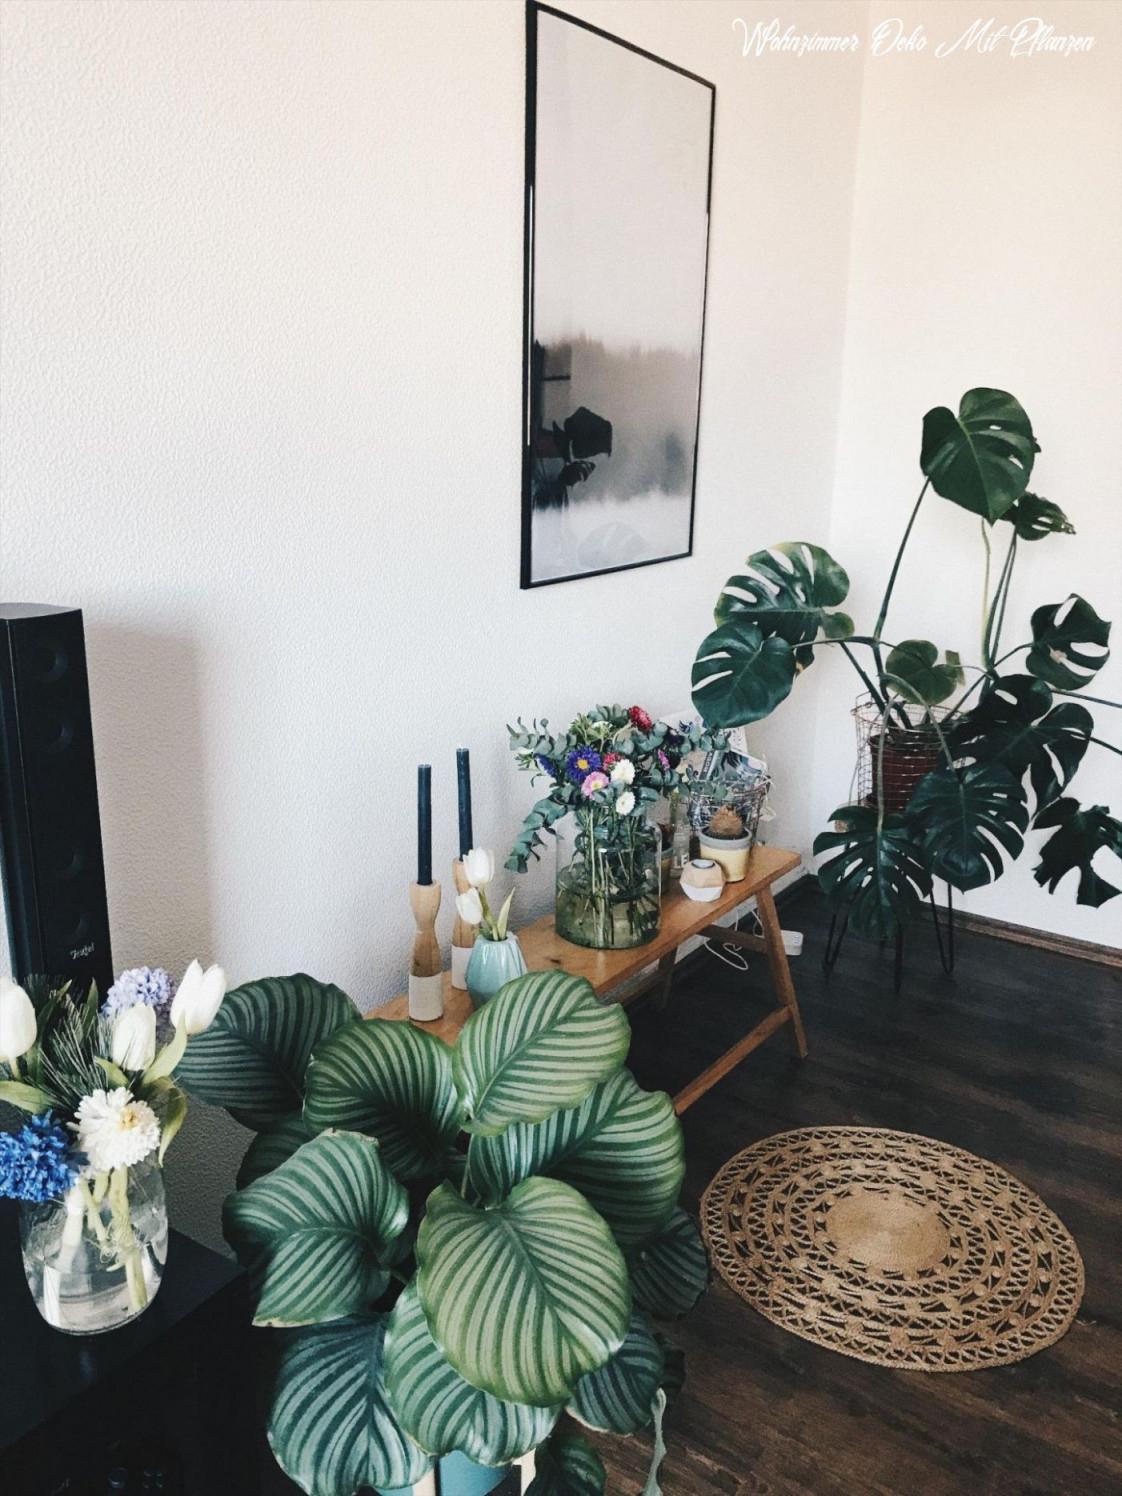 Die Ultimative Offenbarung Von Wohnzimmer Deko Mit Pflanzen von Deko Pflanzen Wohnzimmer Photo